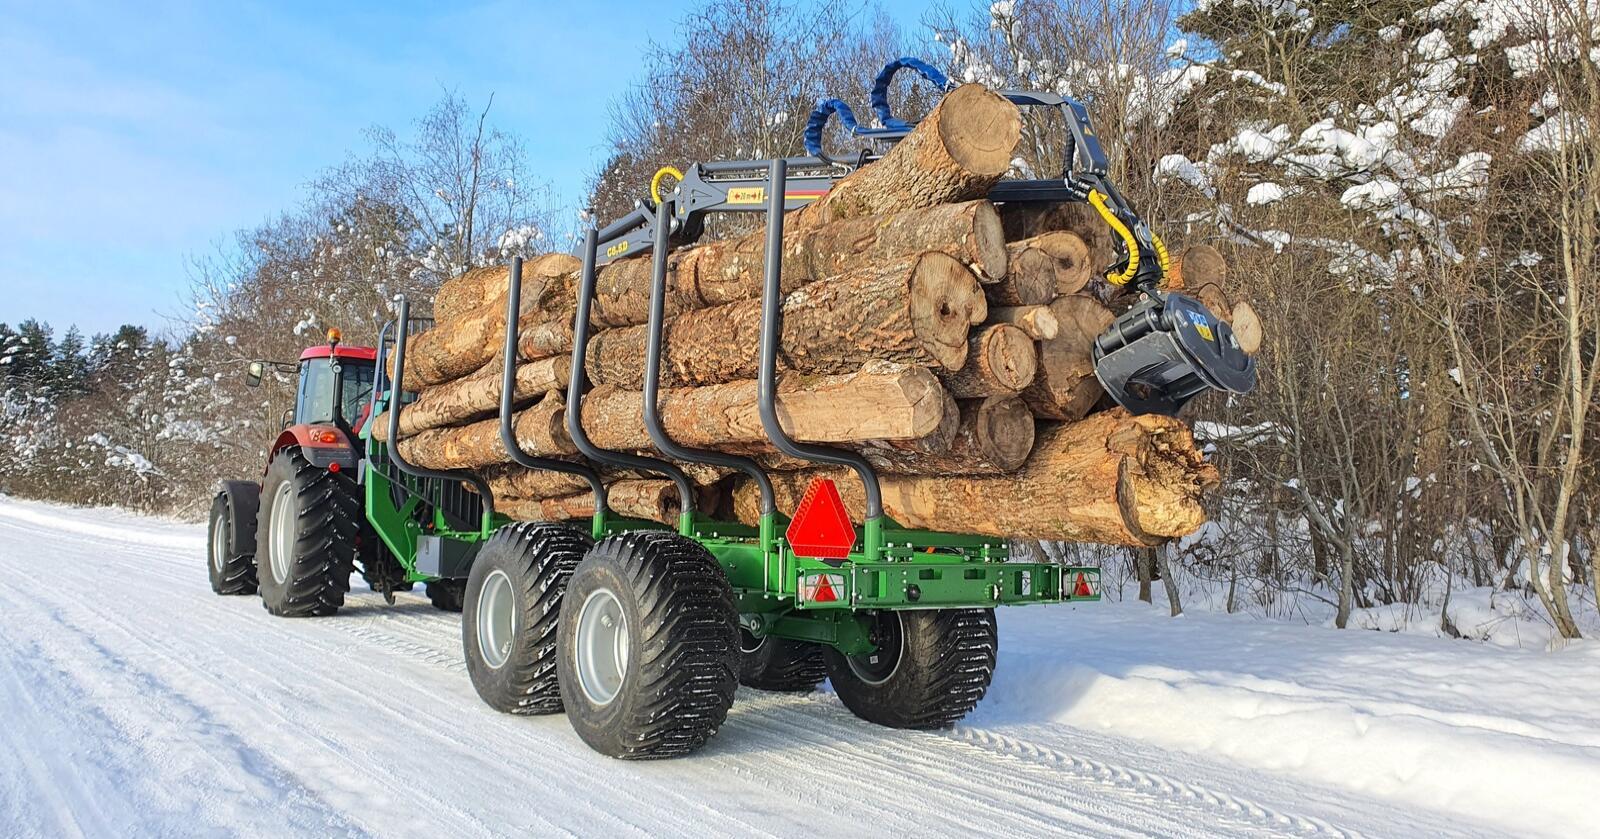 Størst: T17 er Farmas største vogn til nå, og med lasteareal på 3,3m2 og en lastelengde på 5 400 mm gjør at Farmas nye vogn ruver skikkelig